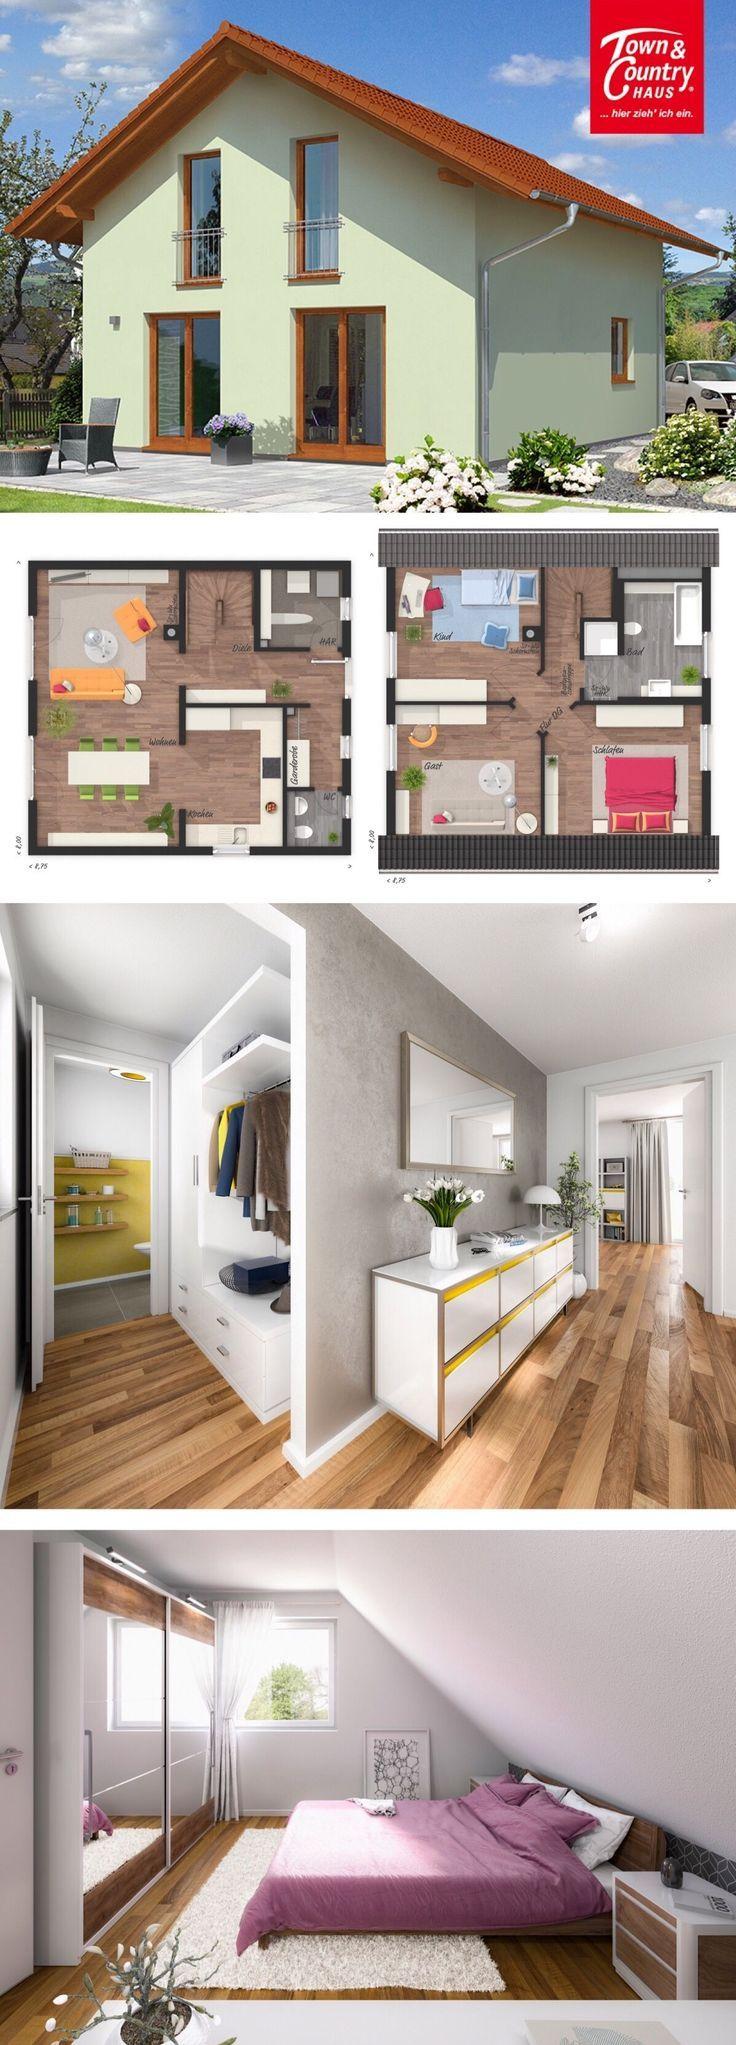 Einfamilienhaus Architektur mit Satteldach flach geneigt ...